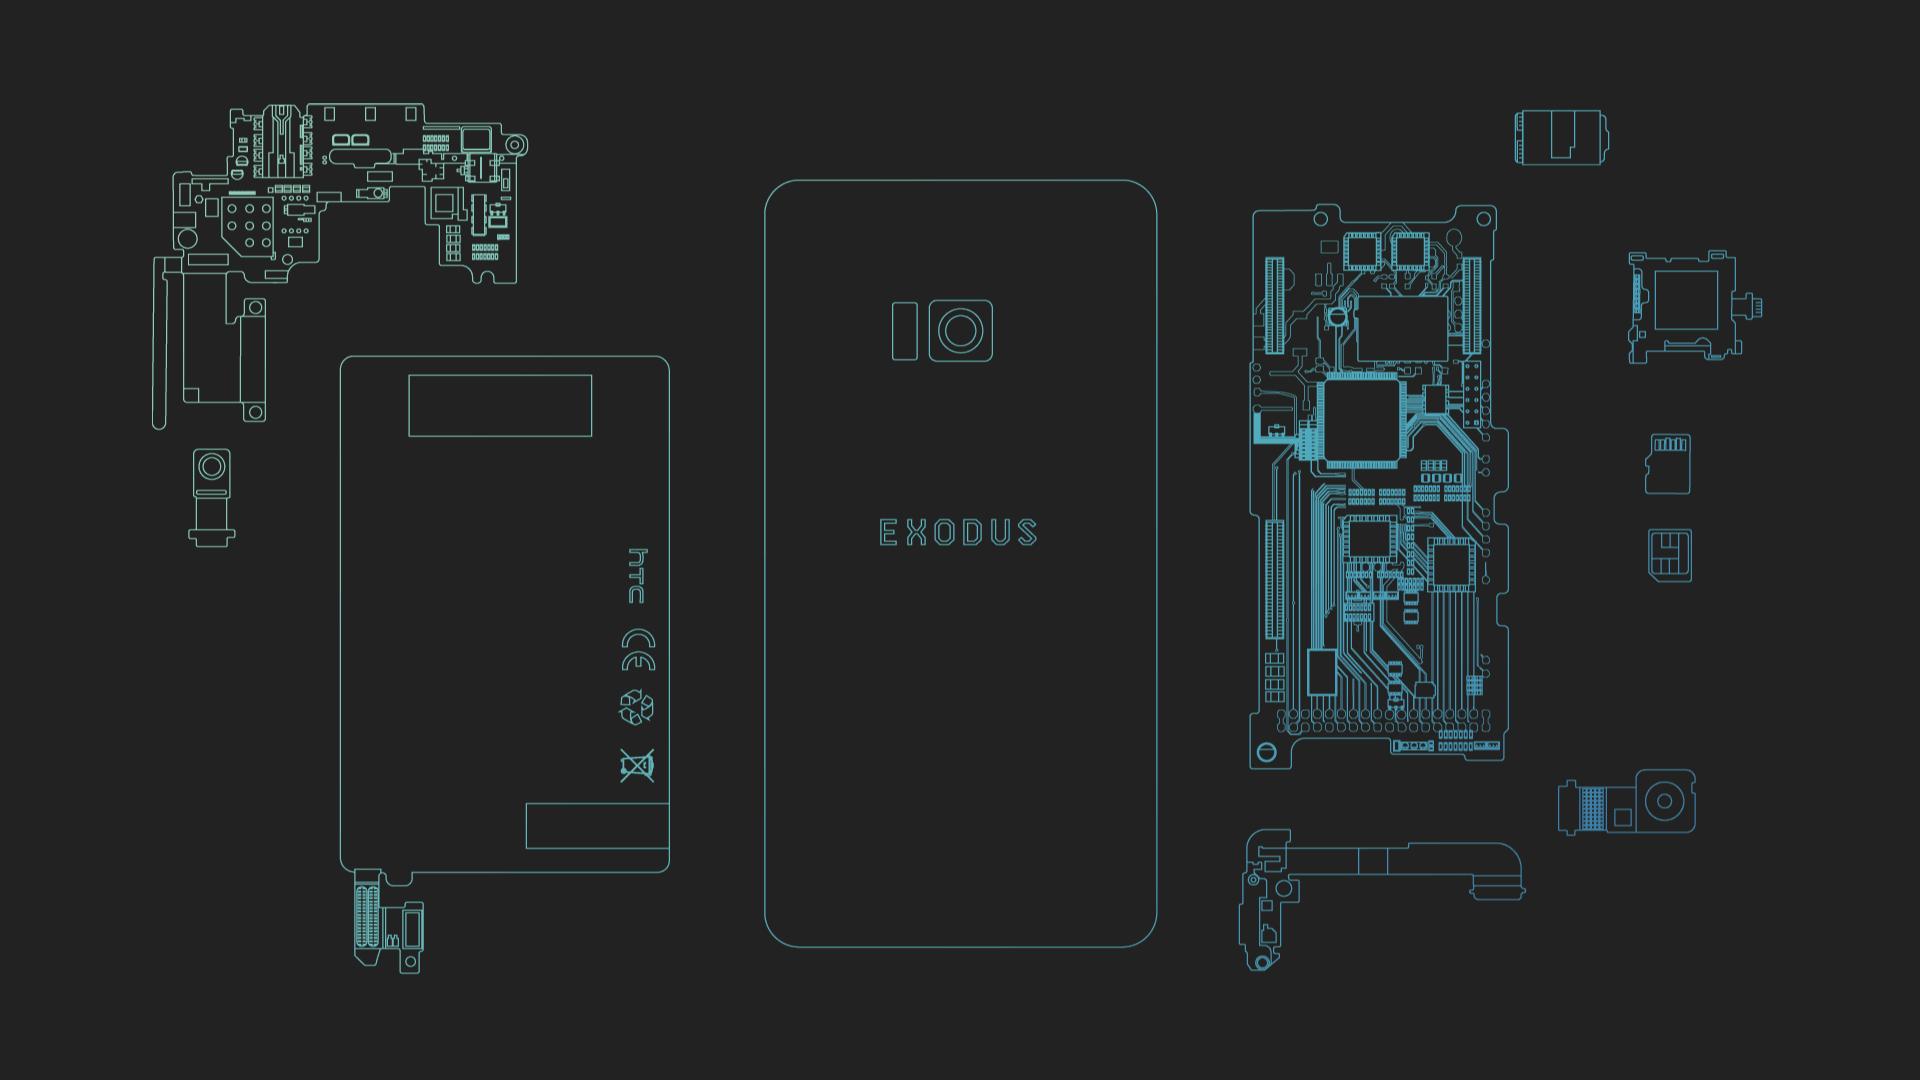 HTC Exodus se představí 22. října [aktualizováno]